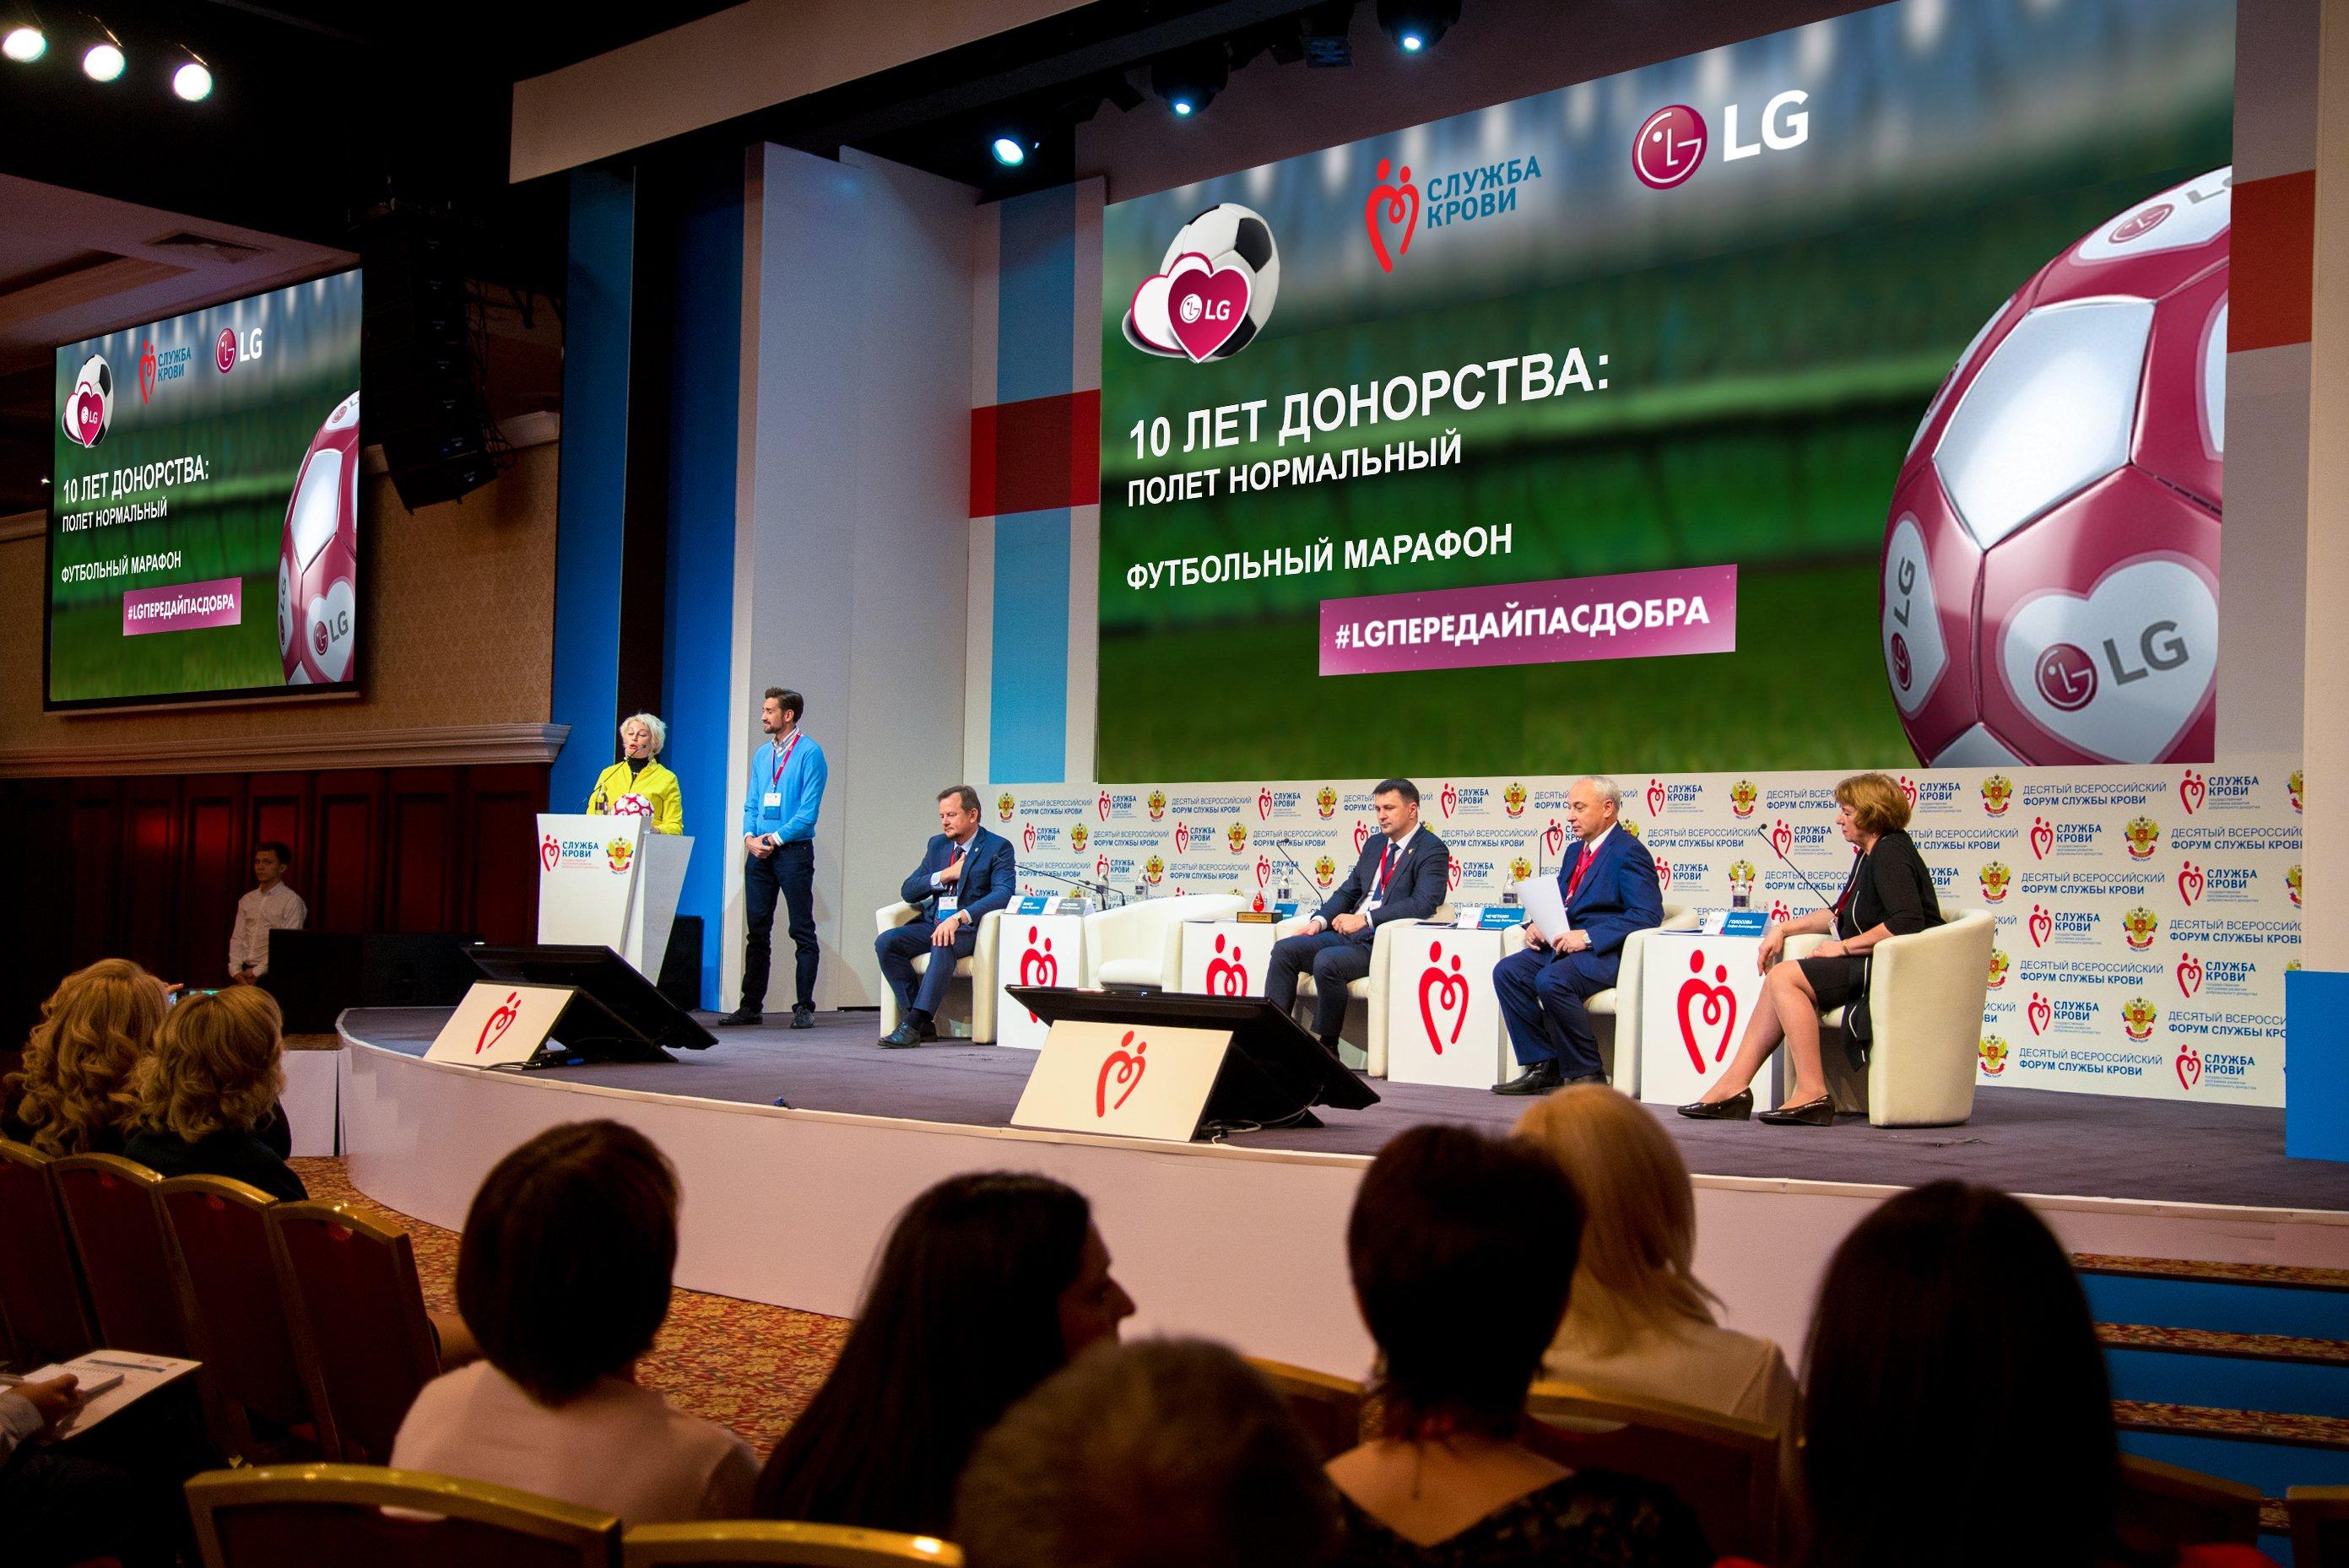 Футбольный марафон #LGПередайПасДобра на X Всероссийском Форуме Службы крови